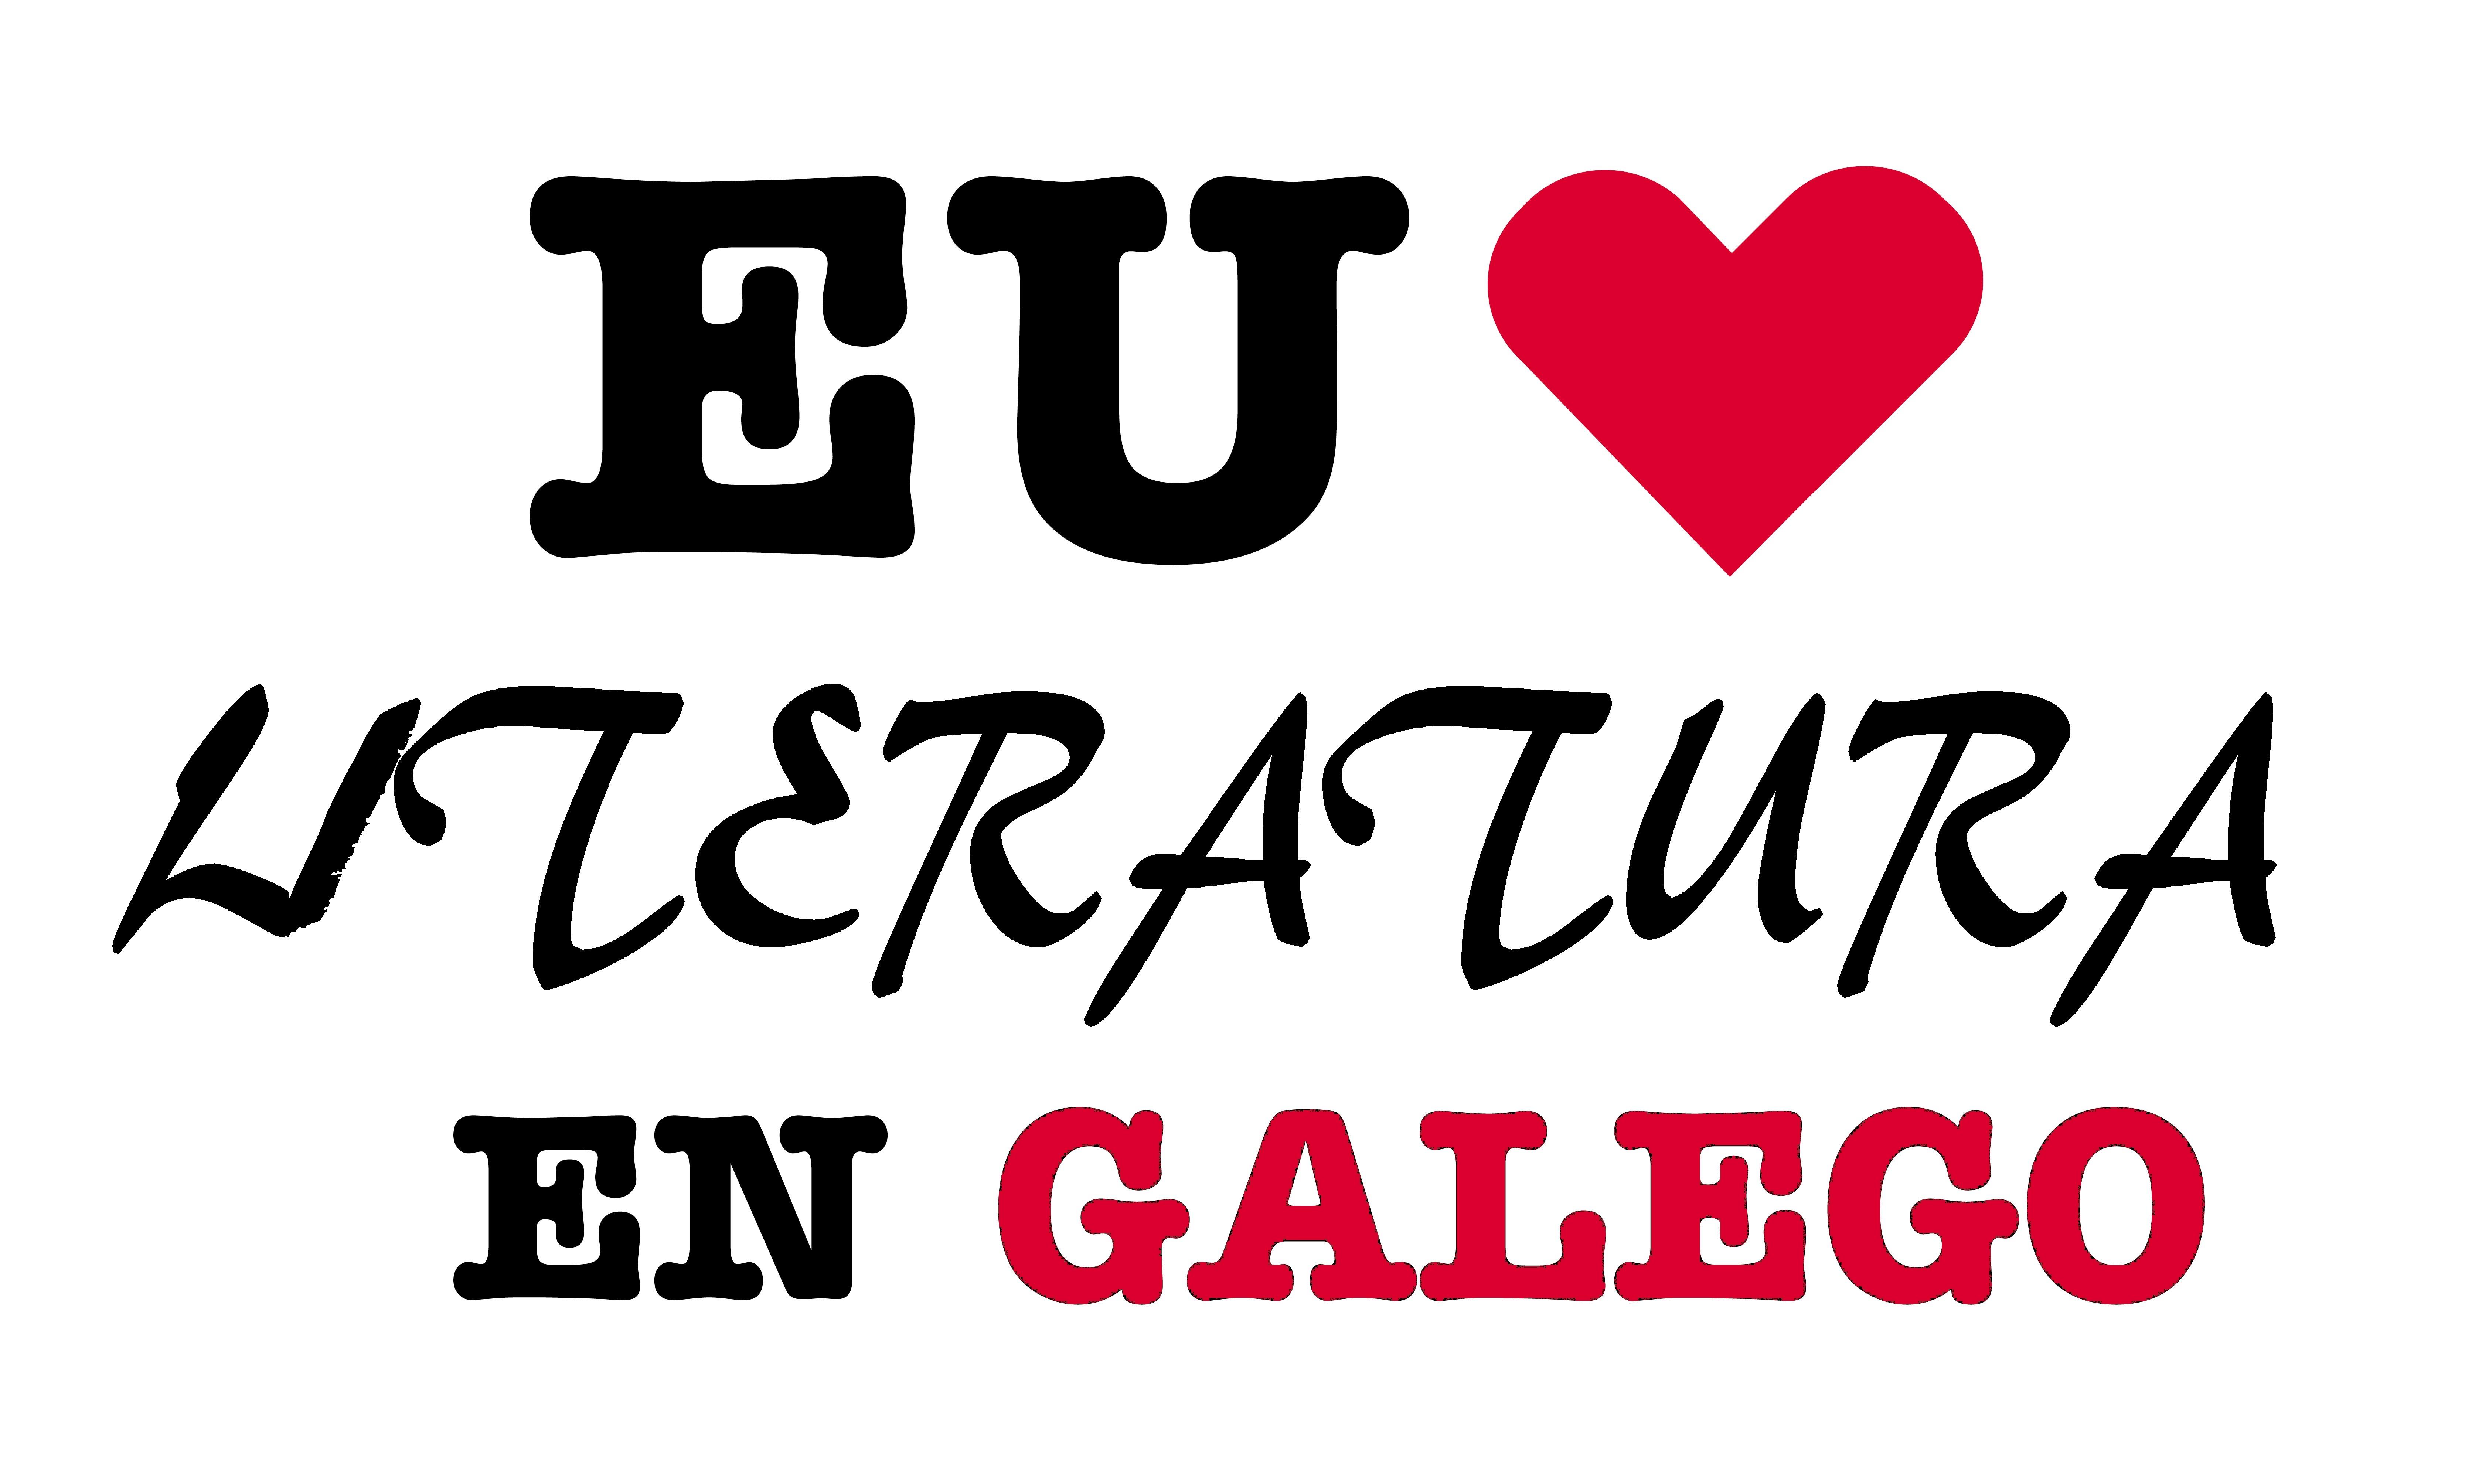 EuQueroLiteraturaEnGalego